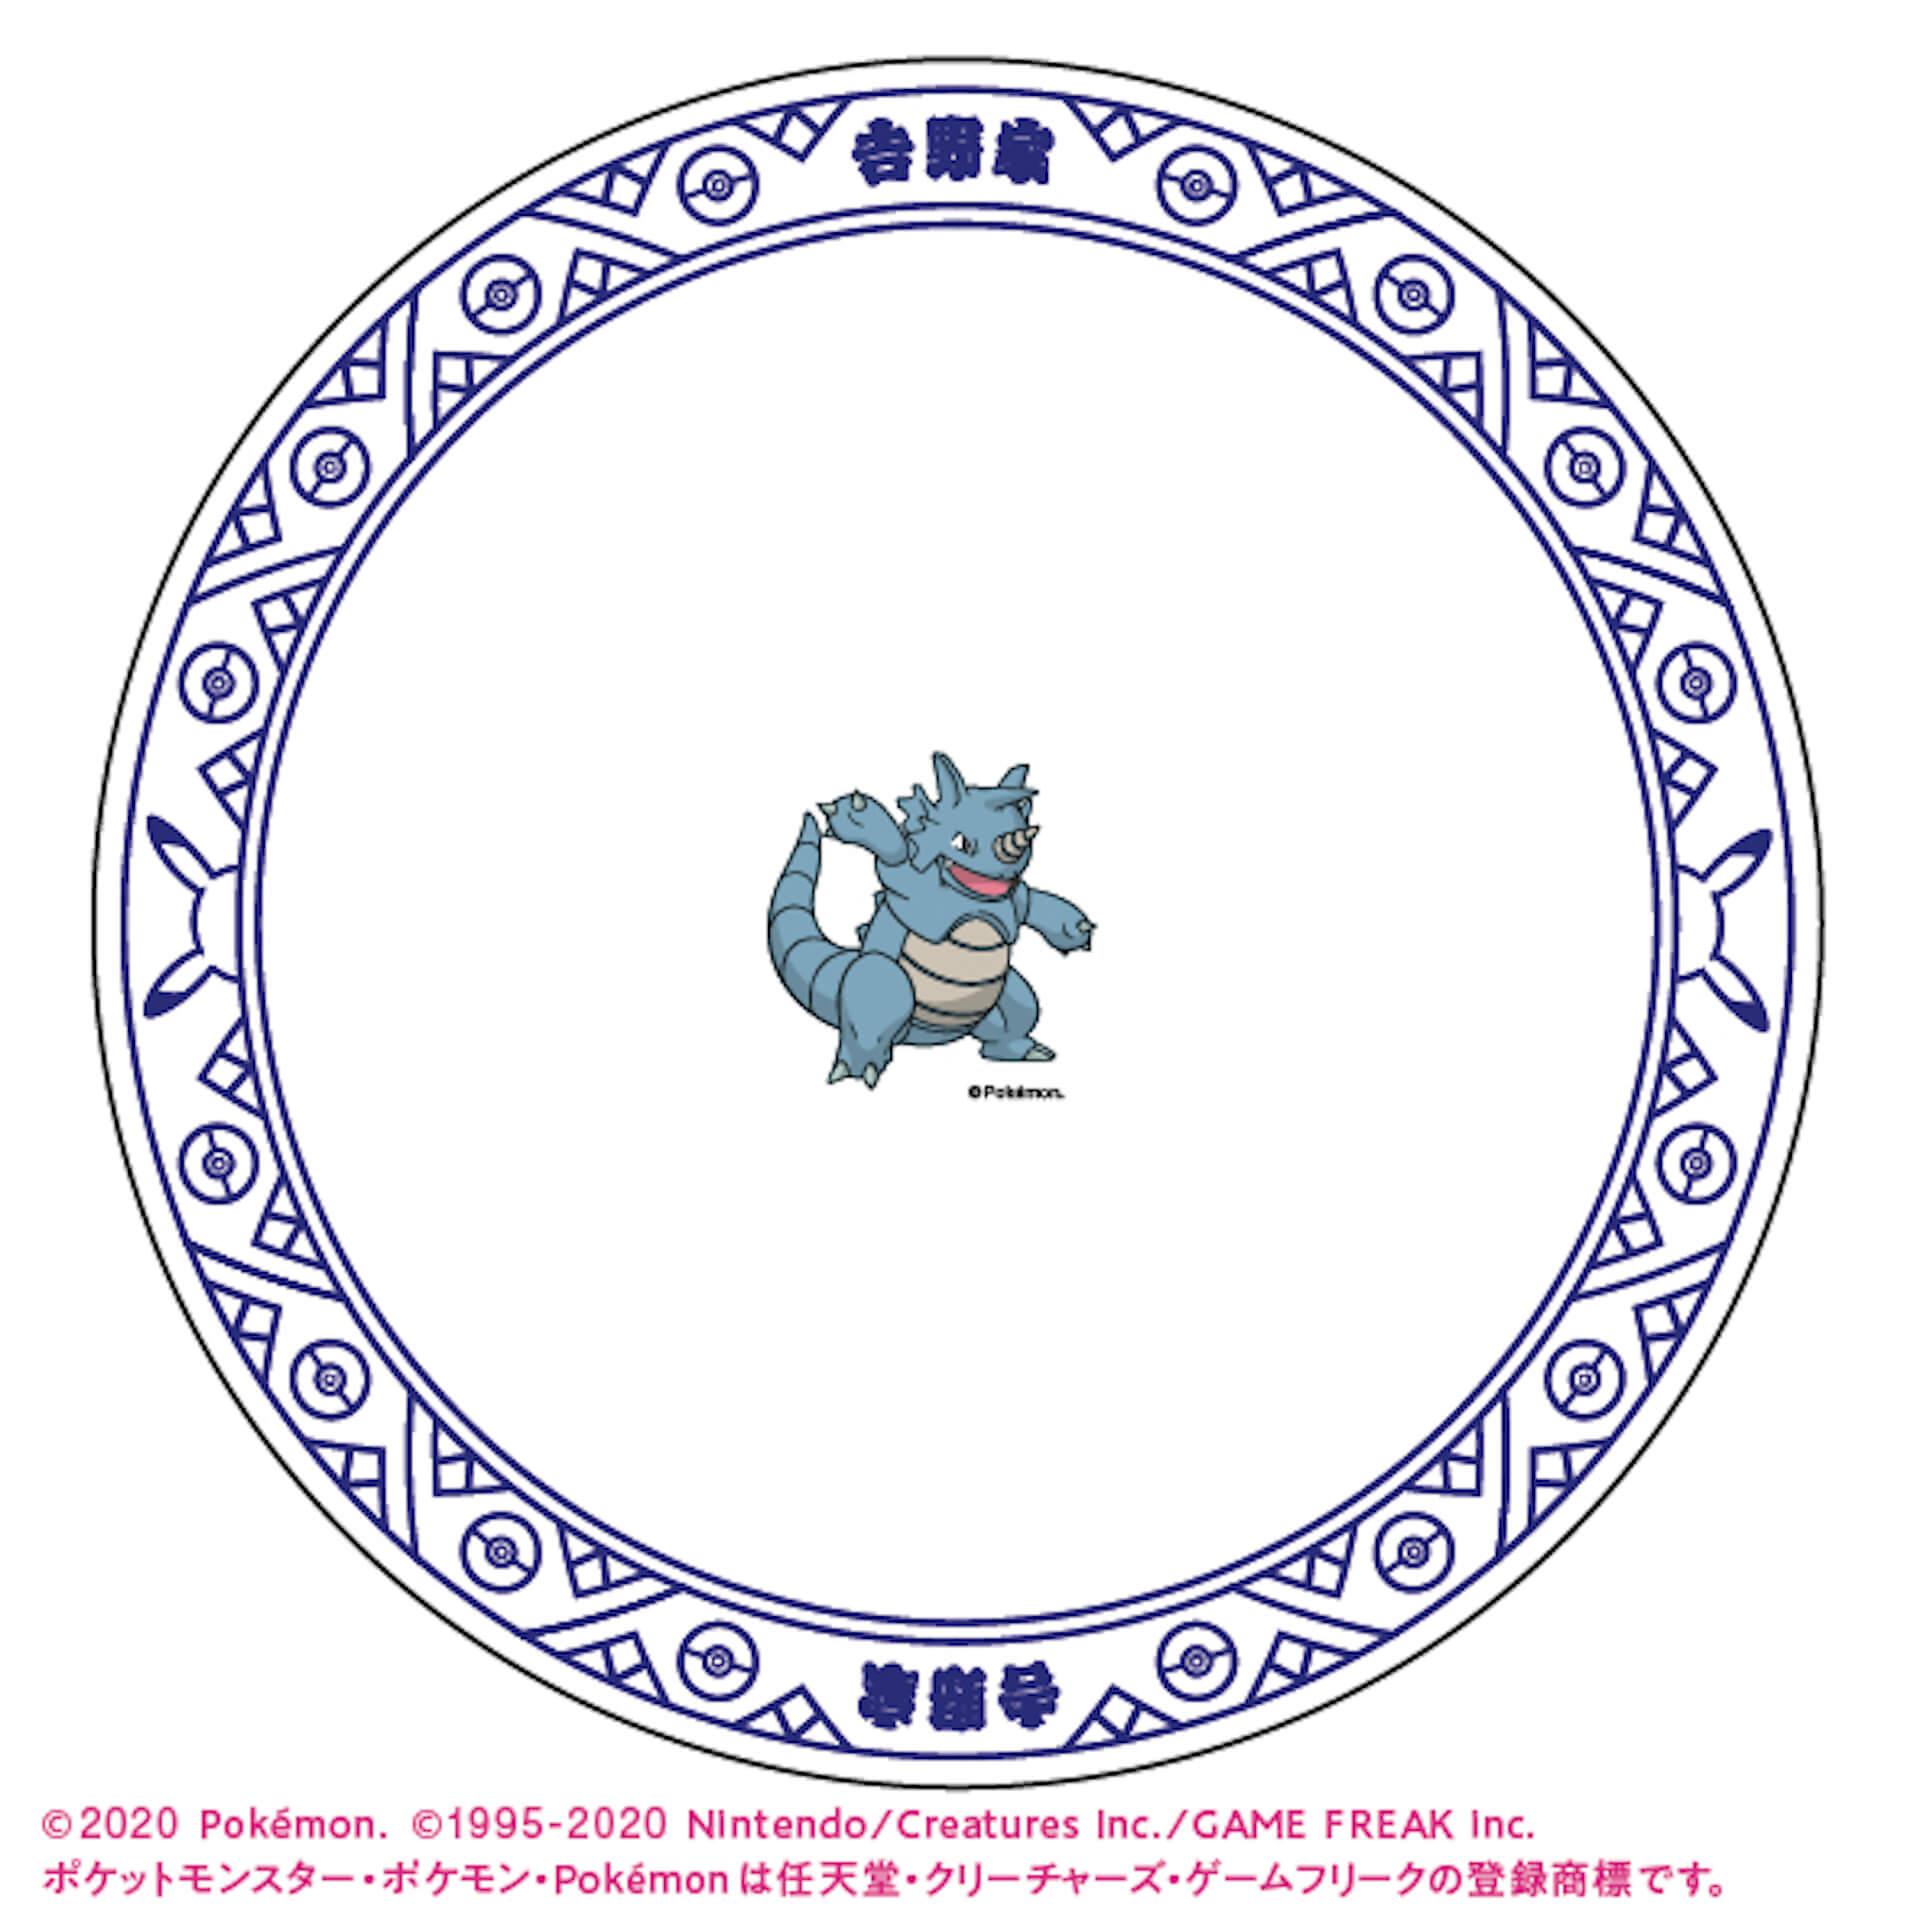 吉野家とポケットモンスターのコラボが再び!かわいい「ドン」つきポケモンのフィギュアがもらえる『ポケ盛り』第2弾の販売が決定 gourmet200716_pokemon_yoshinoya_6